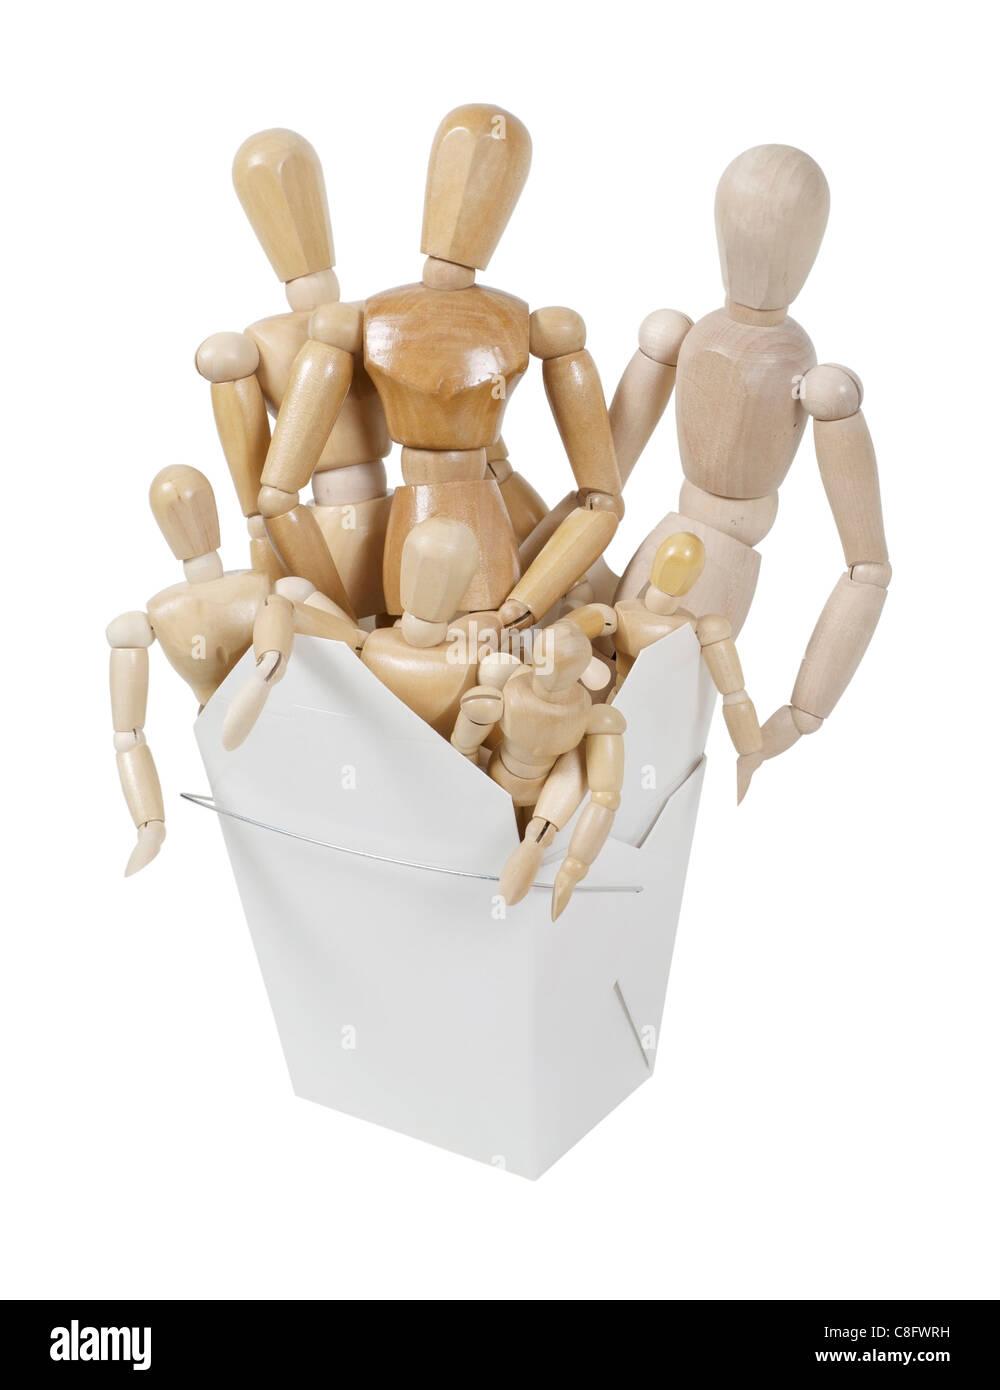 Eine Gruppe von Holzkunst-Modellen, die Menschen in einem gefalteten herausnehmen Box - Pfad enthalten Stockbild